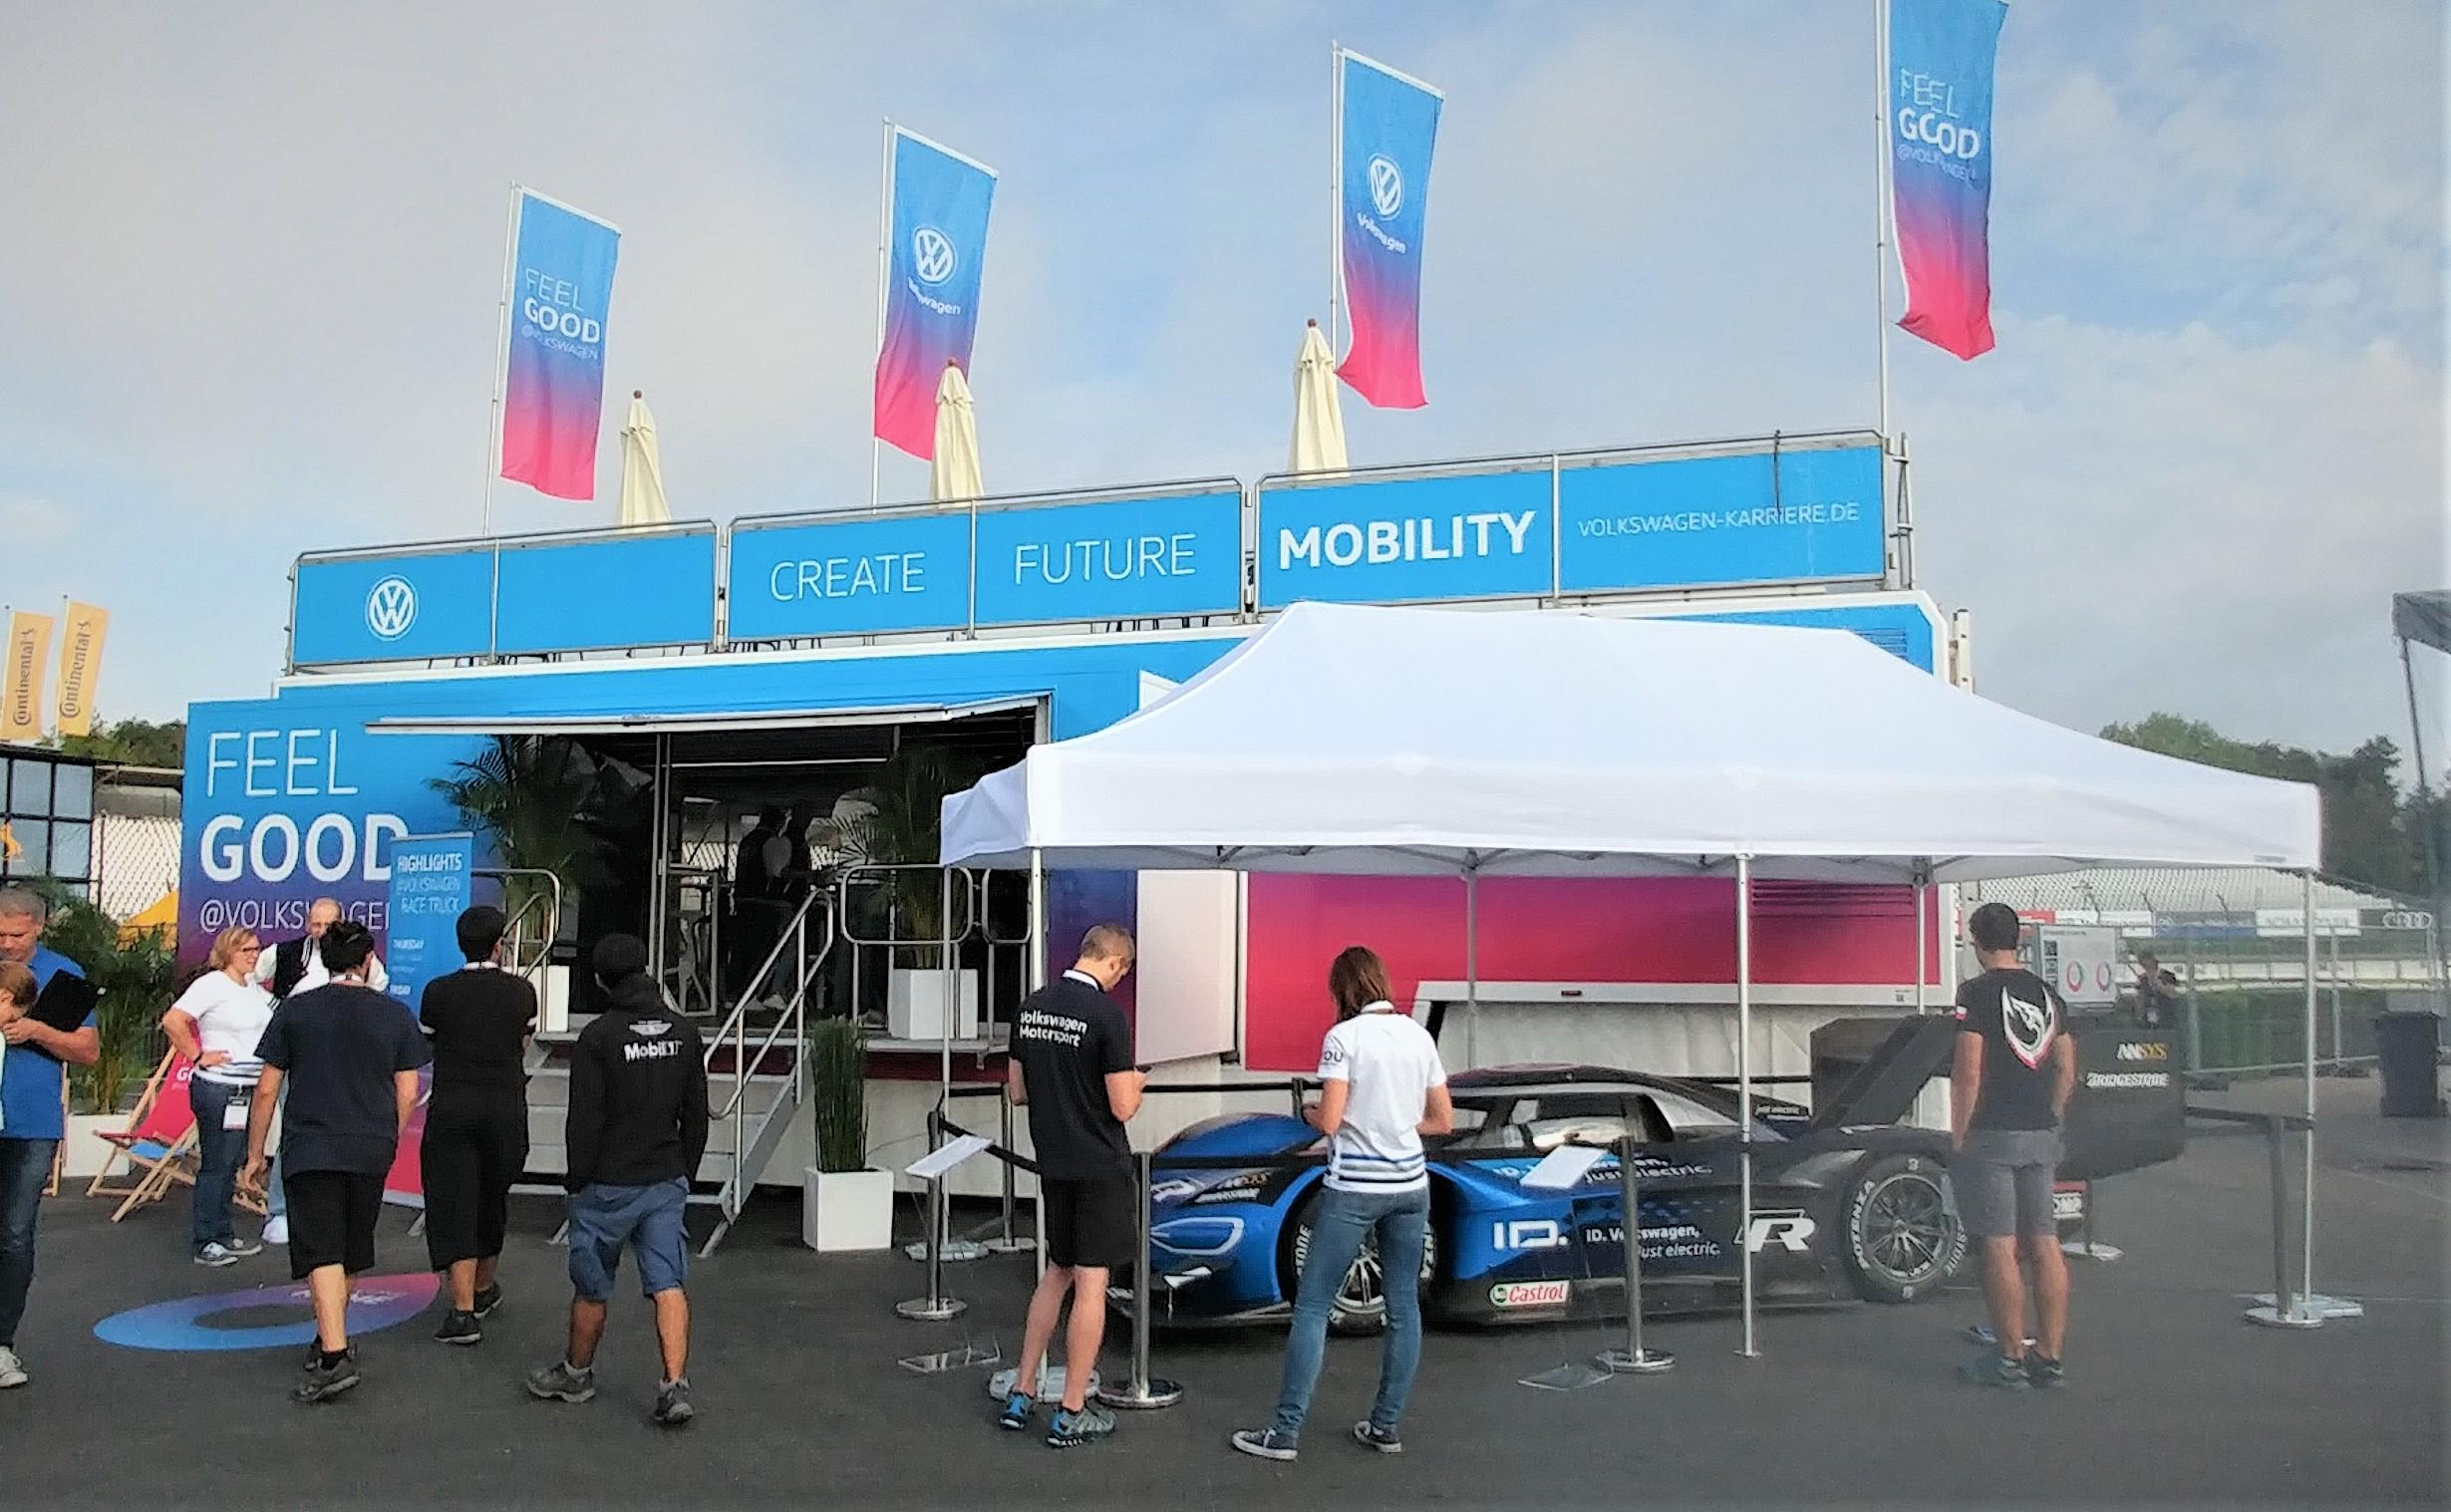 VW booth 2019-08-08 08.47.07-1.jpg